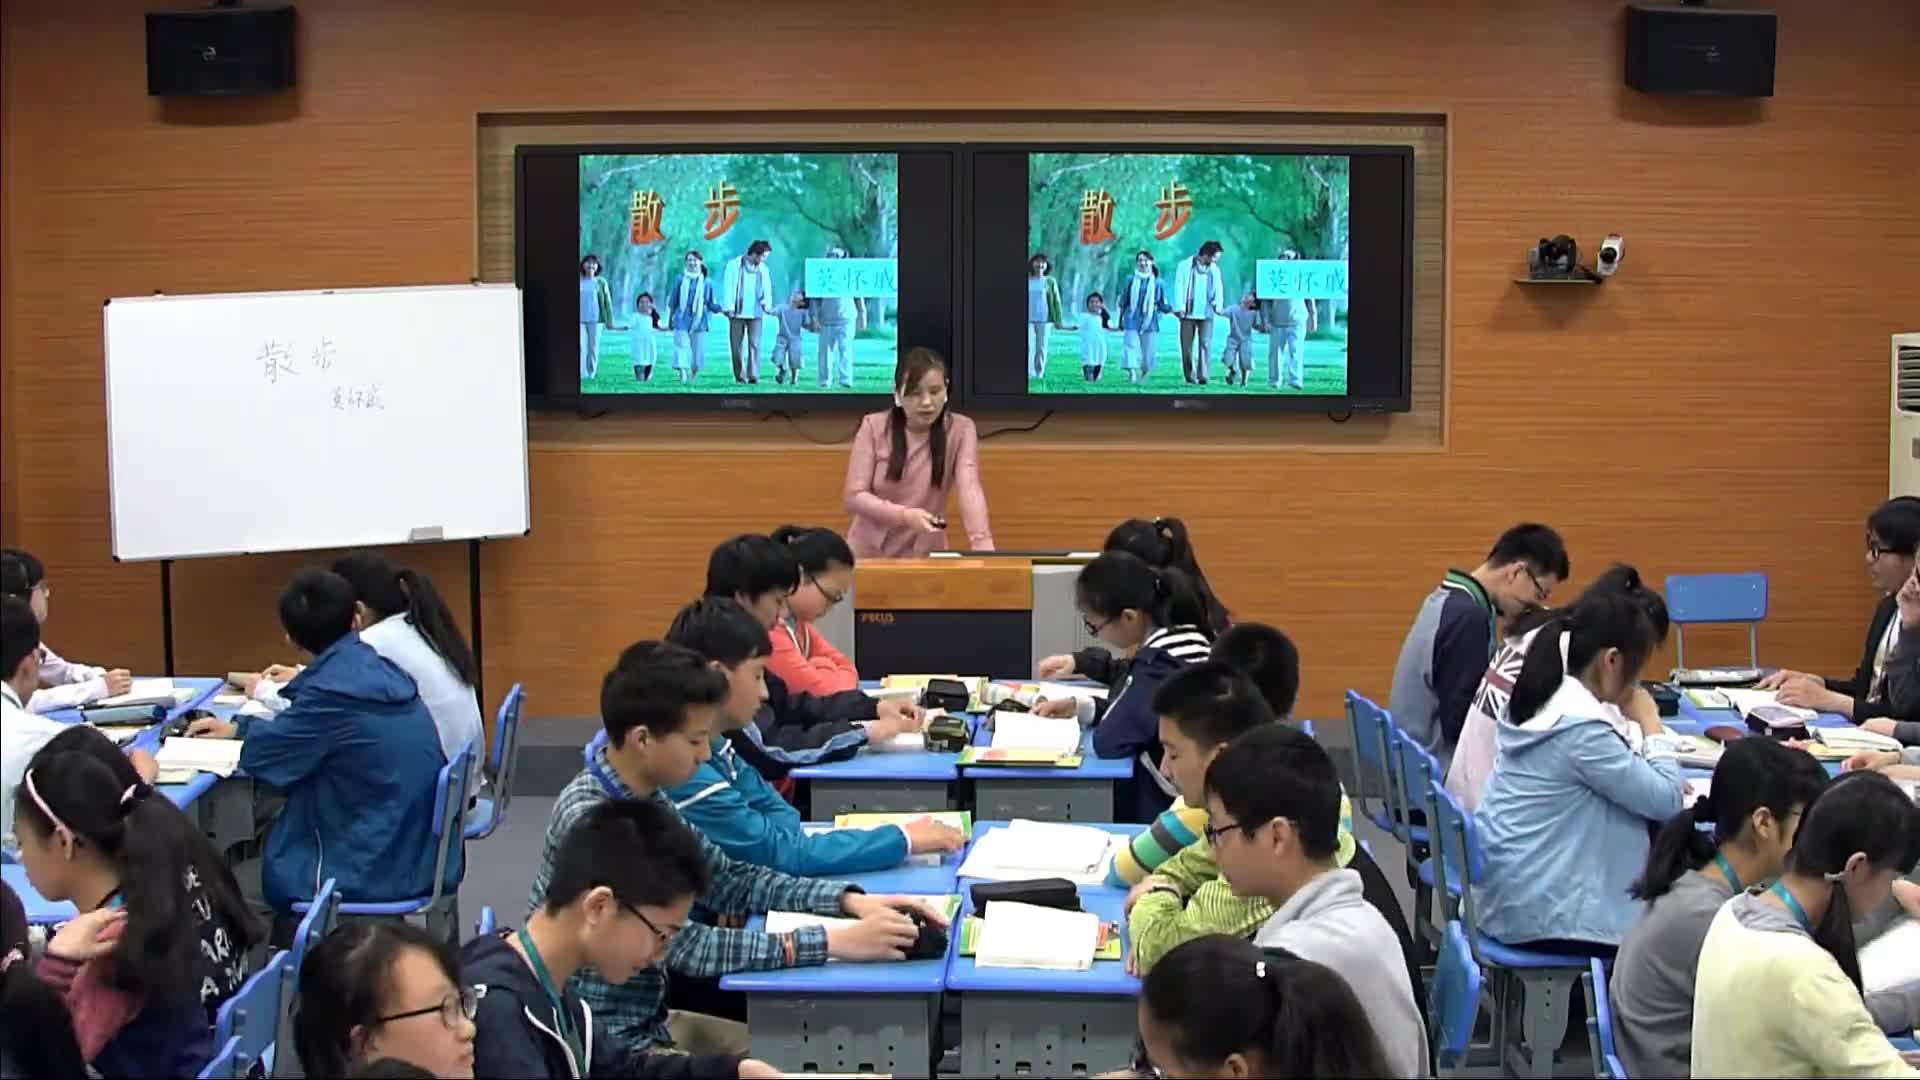 苏教版 八年级语文下册 第五单元 第20课 散步-课堂实录